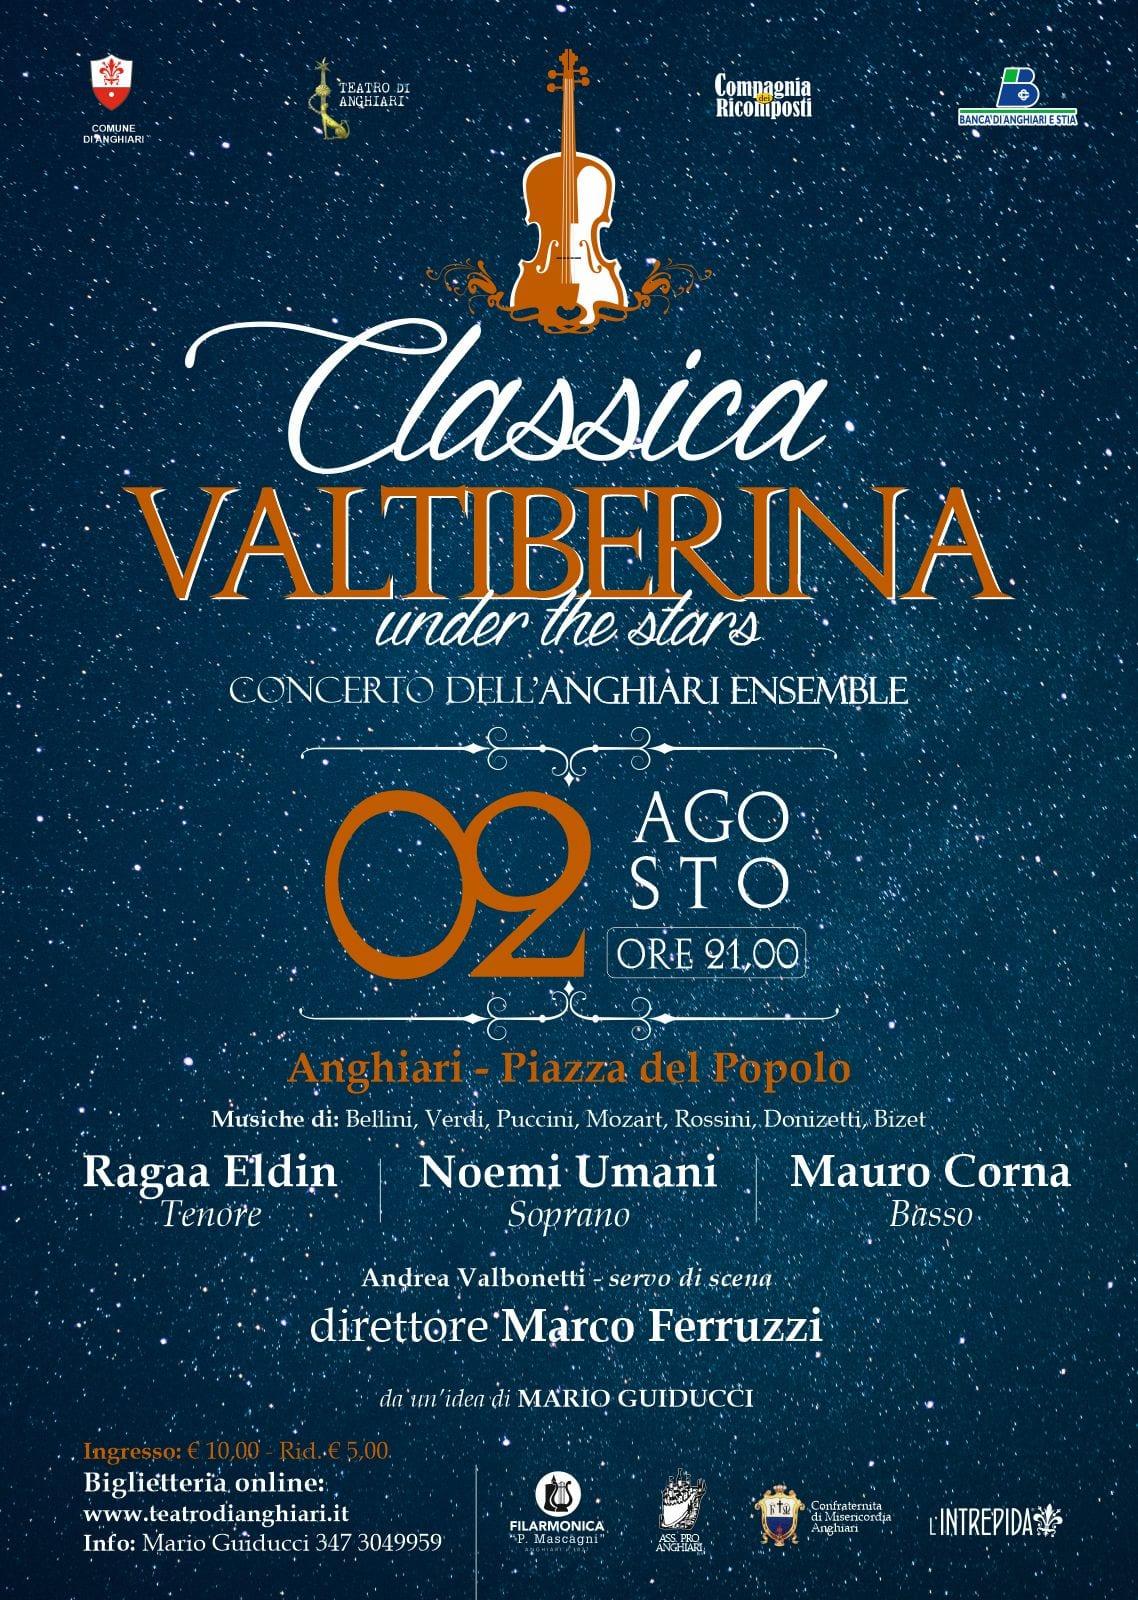 Classica Valtiberina locandina - Anghiari 2 agosto 2021